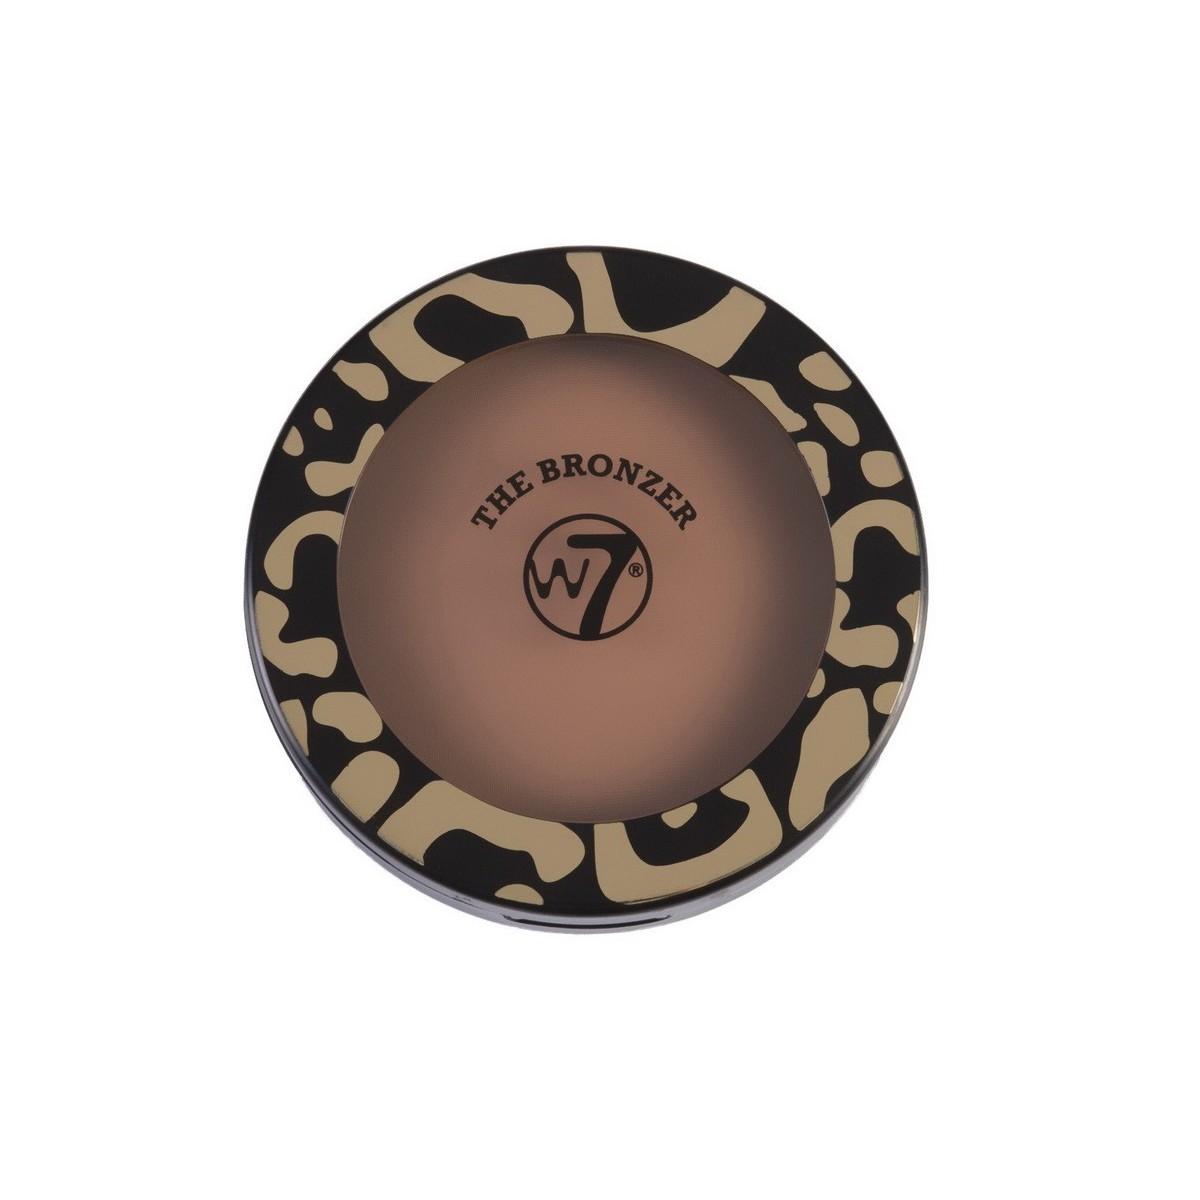 """Poudre Bronzante """"The Bronzer"""" W7 1"""